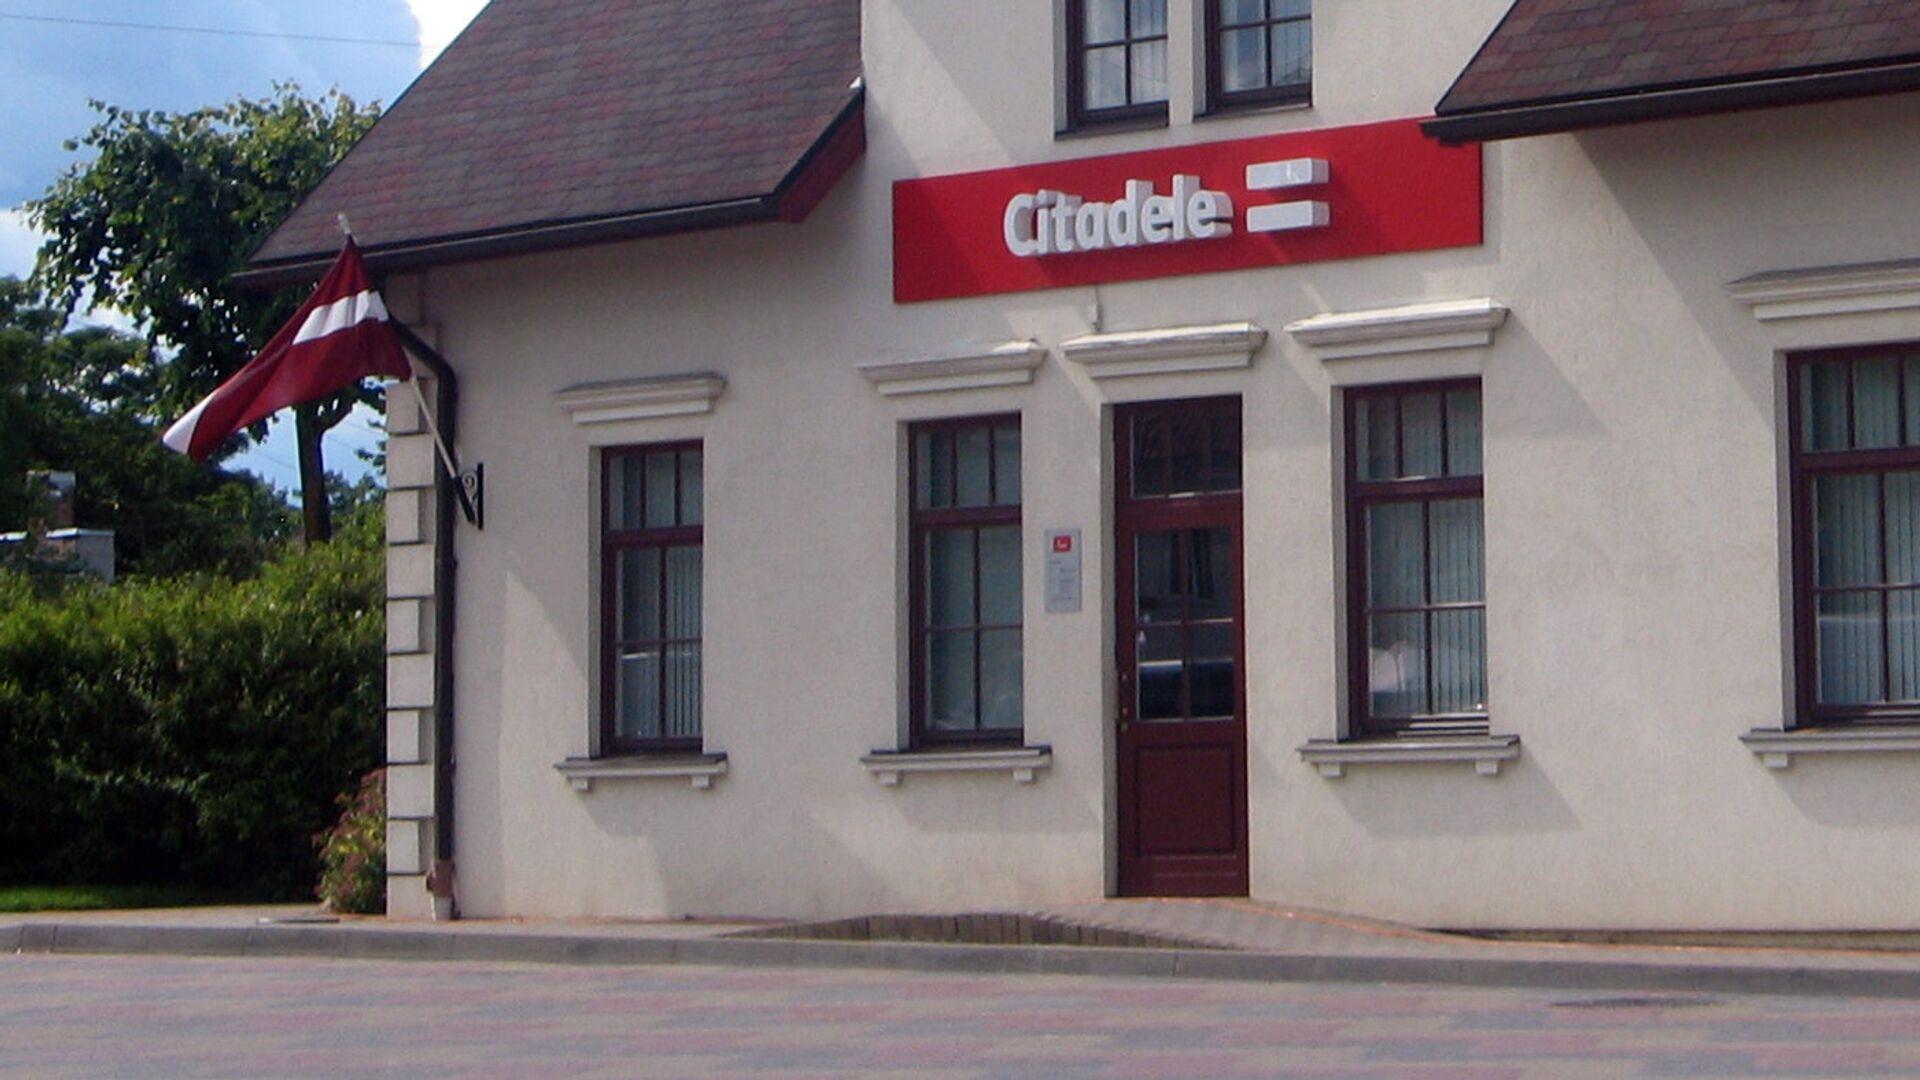 Здание банка Citadele в Тукумсе - Sputnik Латвия, 1920, 14.08.2021